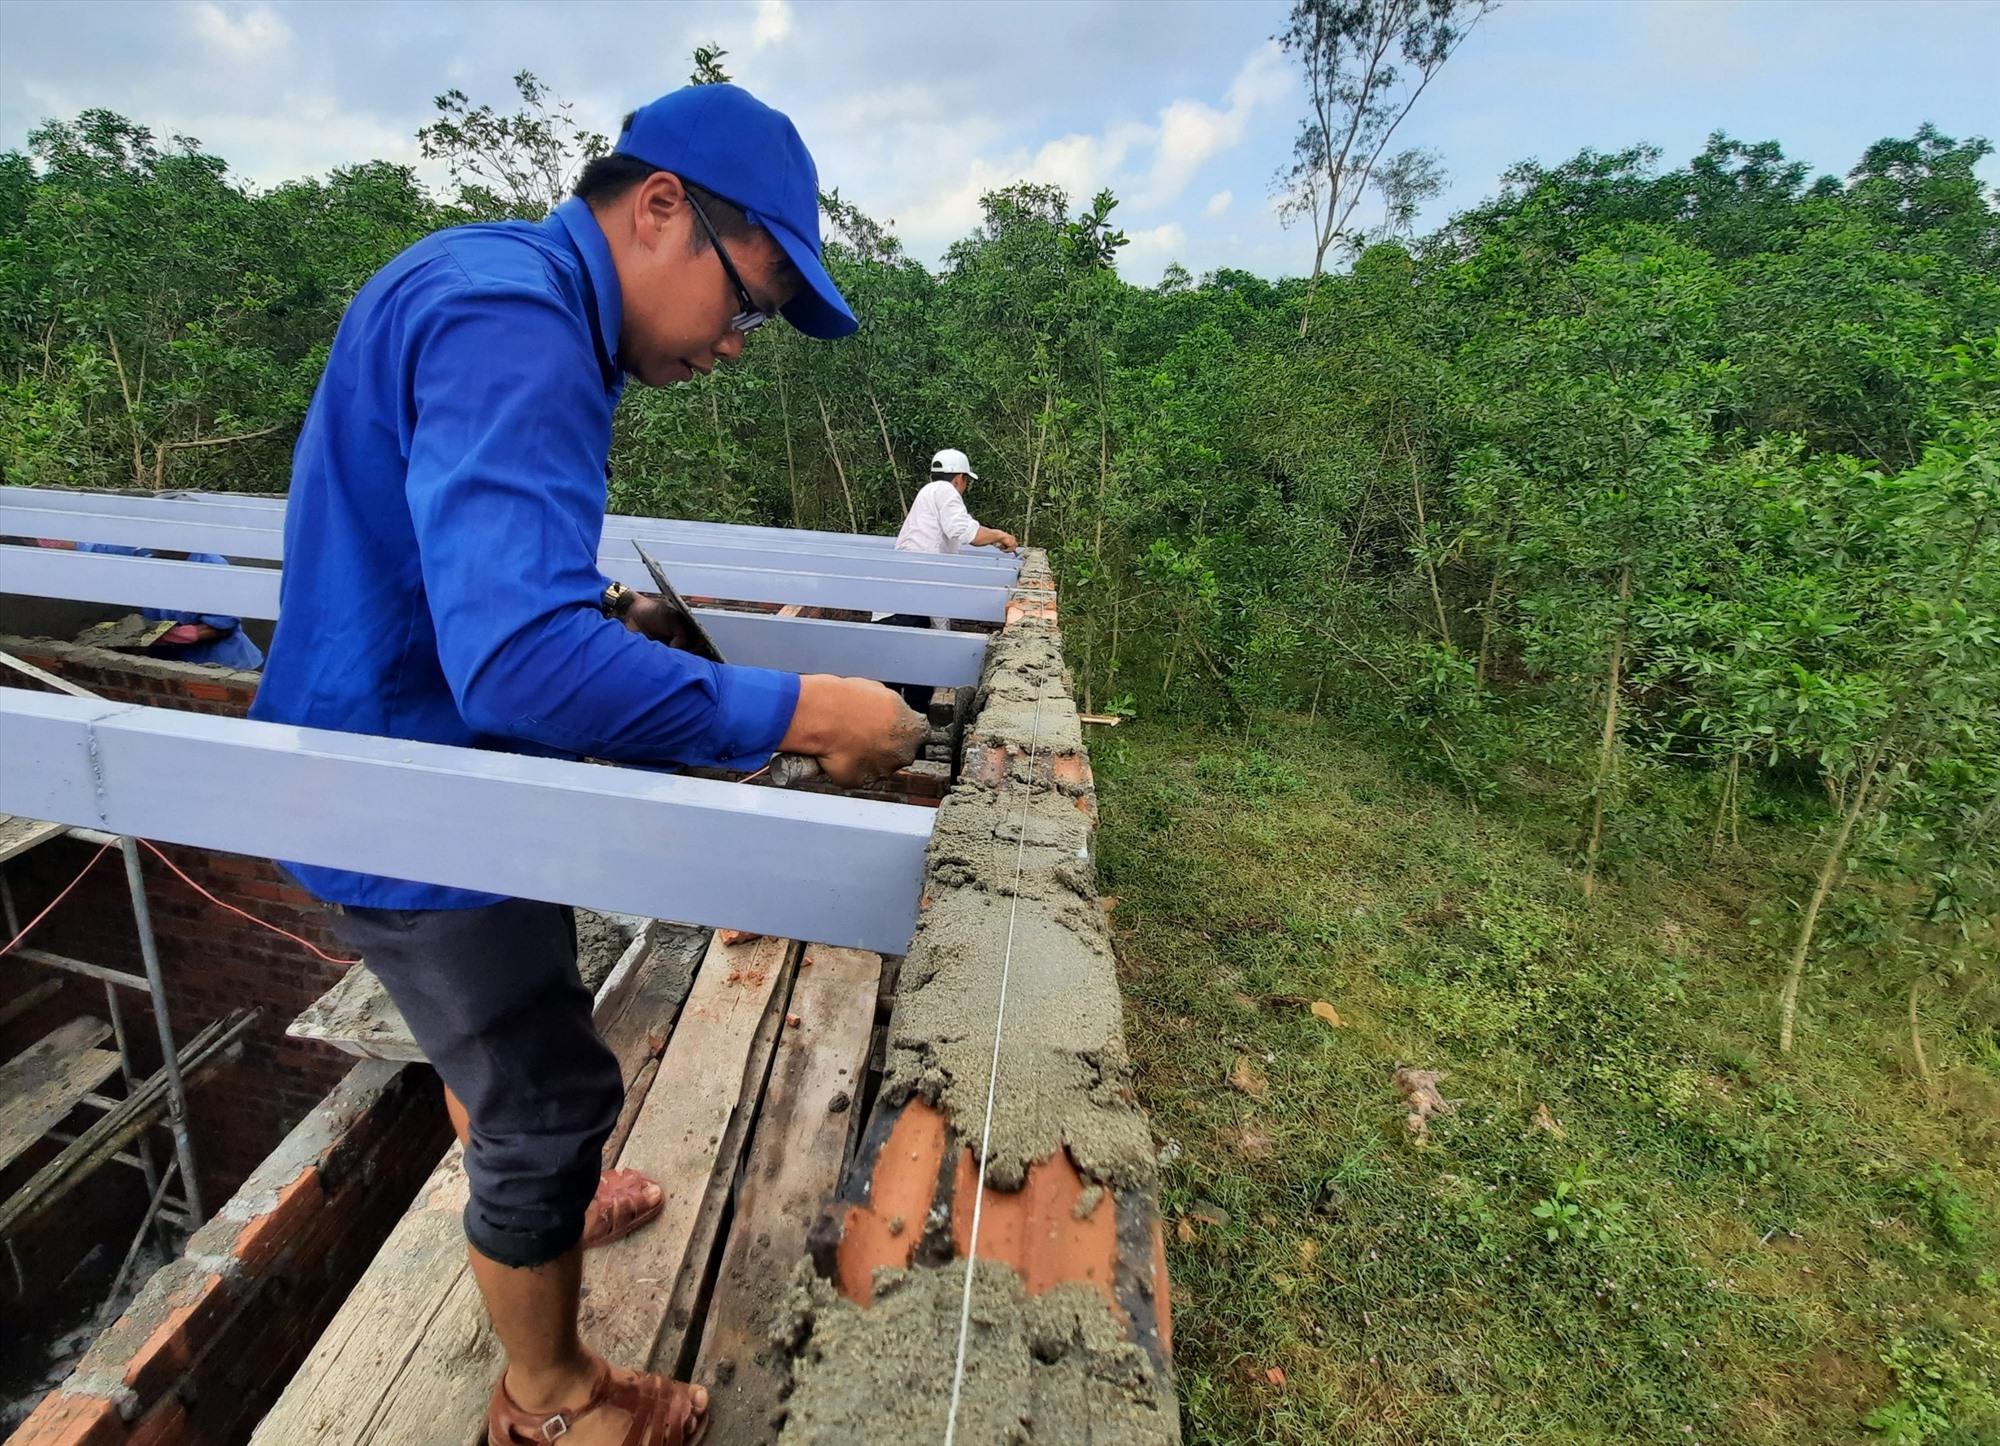 Các đoàn viên, thanh niên có kinh nghiệm trong việc xây nhà đã tham gia hỗ trợ bằng ngày công không lương. Ảnh: HỒ QUÂN